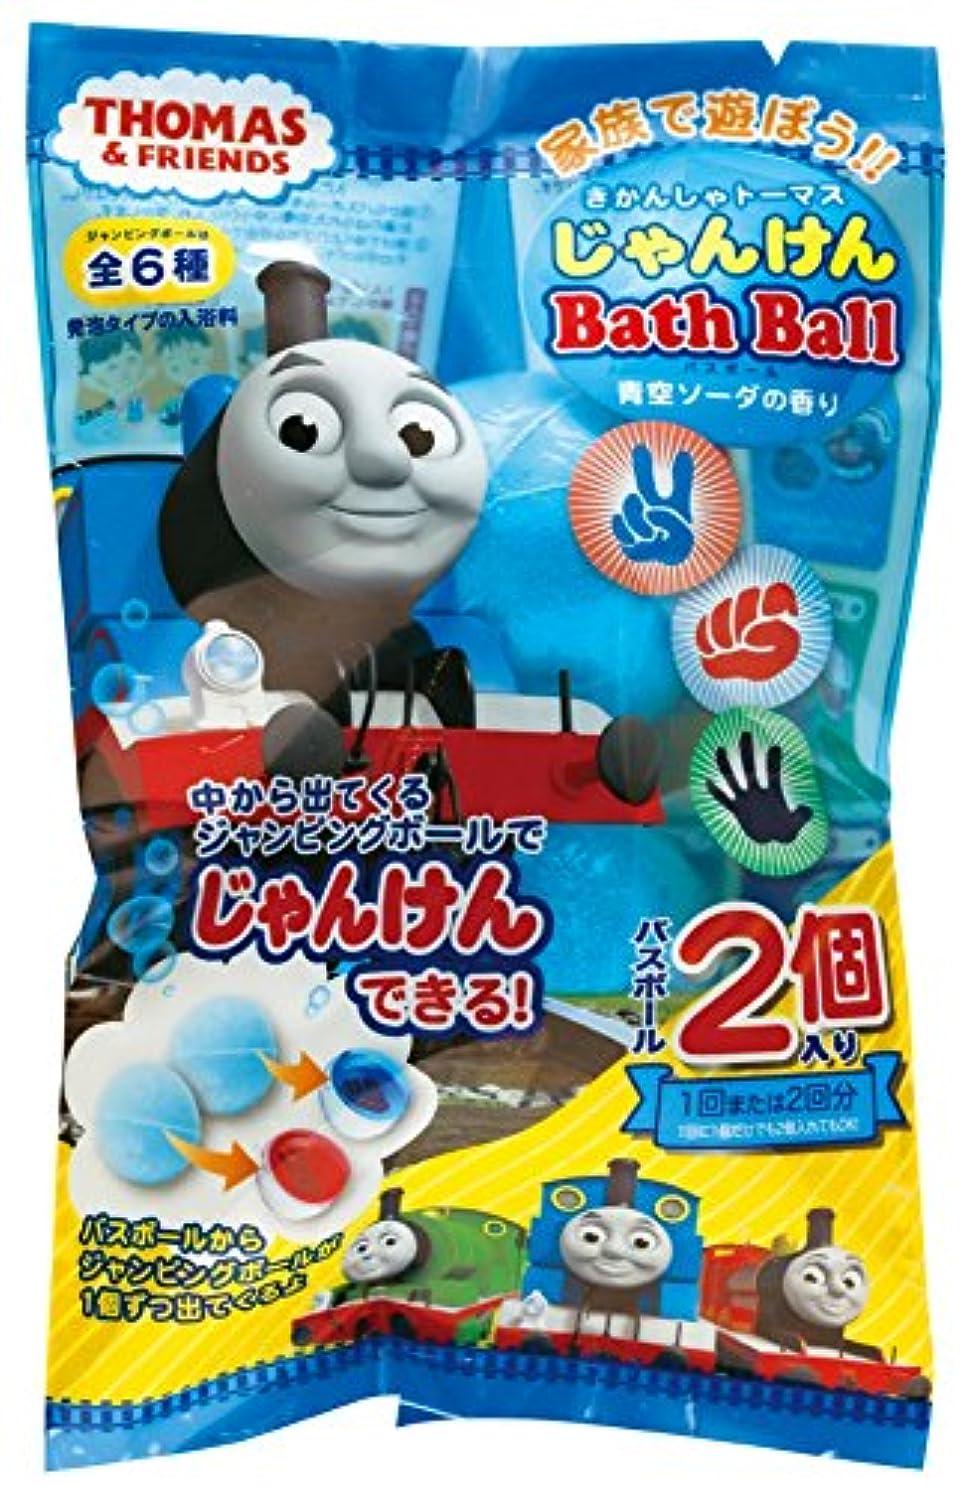 怠なビーズ展開するきかんしゃトーマス 入浴剤 じゃんけんバスボール 2個入り おまけ付き 青色ソーダの香り OB-TOB-4-1